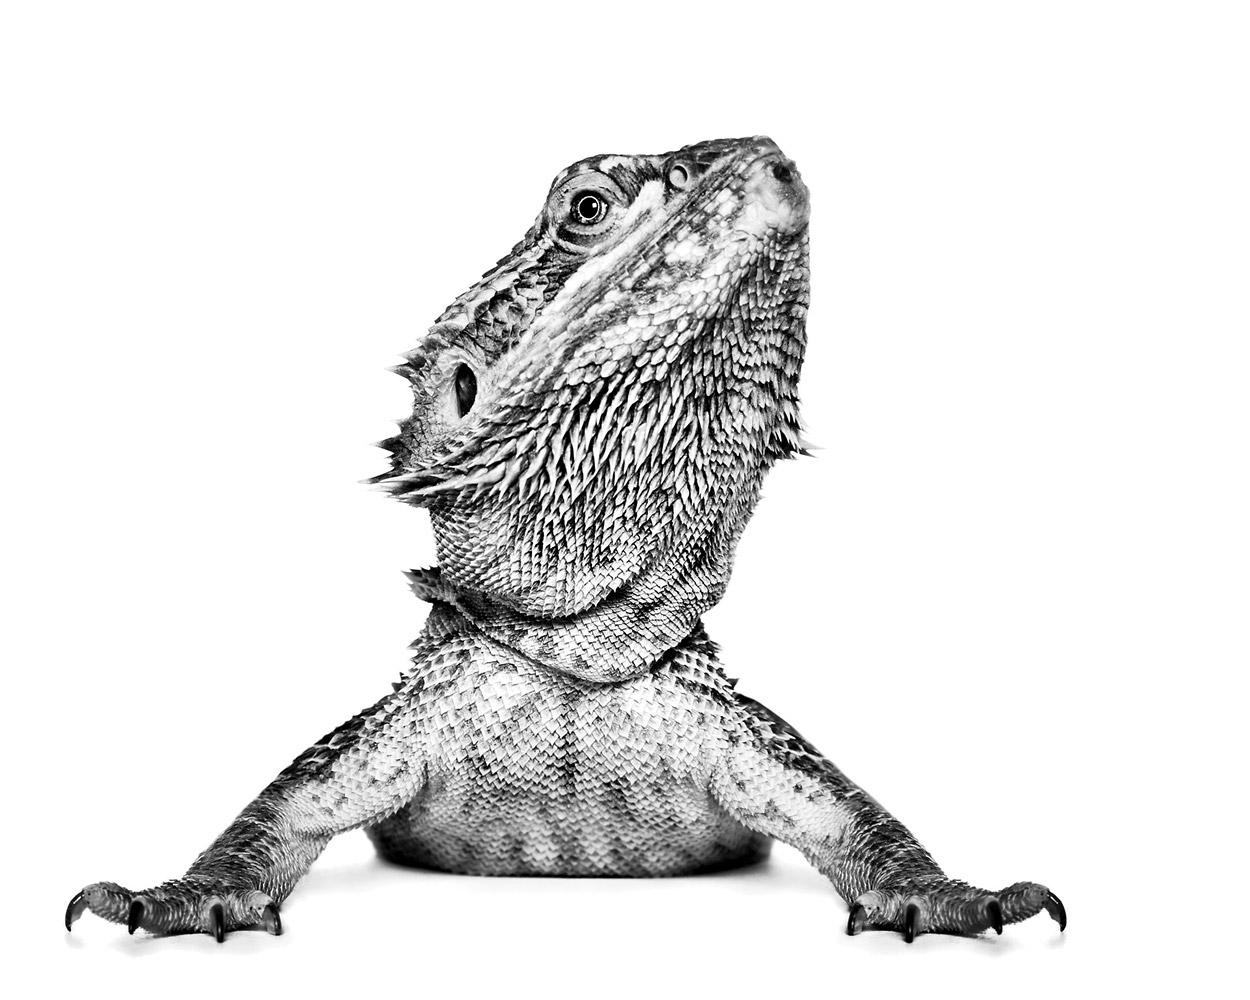 Рептилия, © Александра Сирнс, Северная Перт, Австралия, Профессионал: Портреты животных, Конкурс портретной фотографии «Лица»